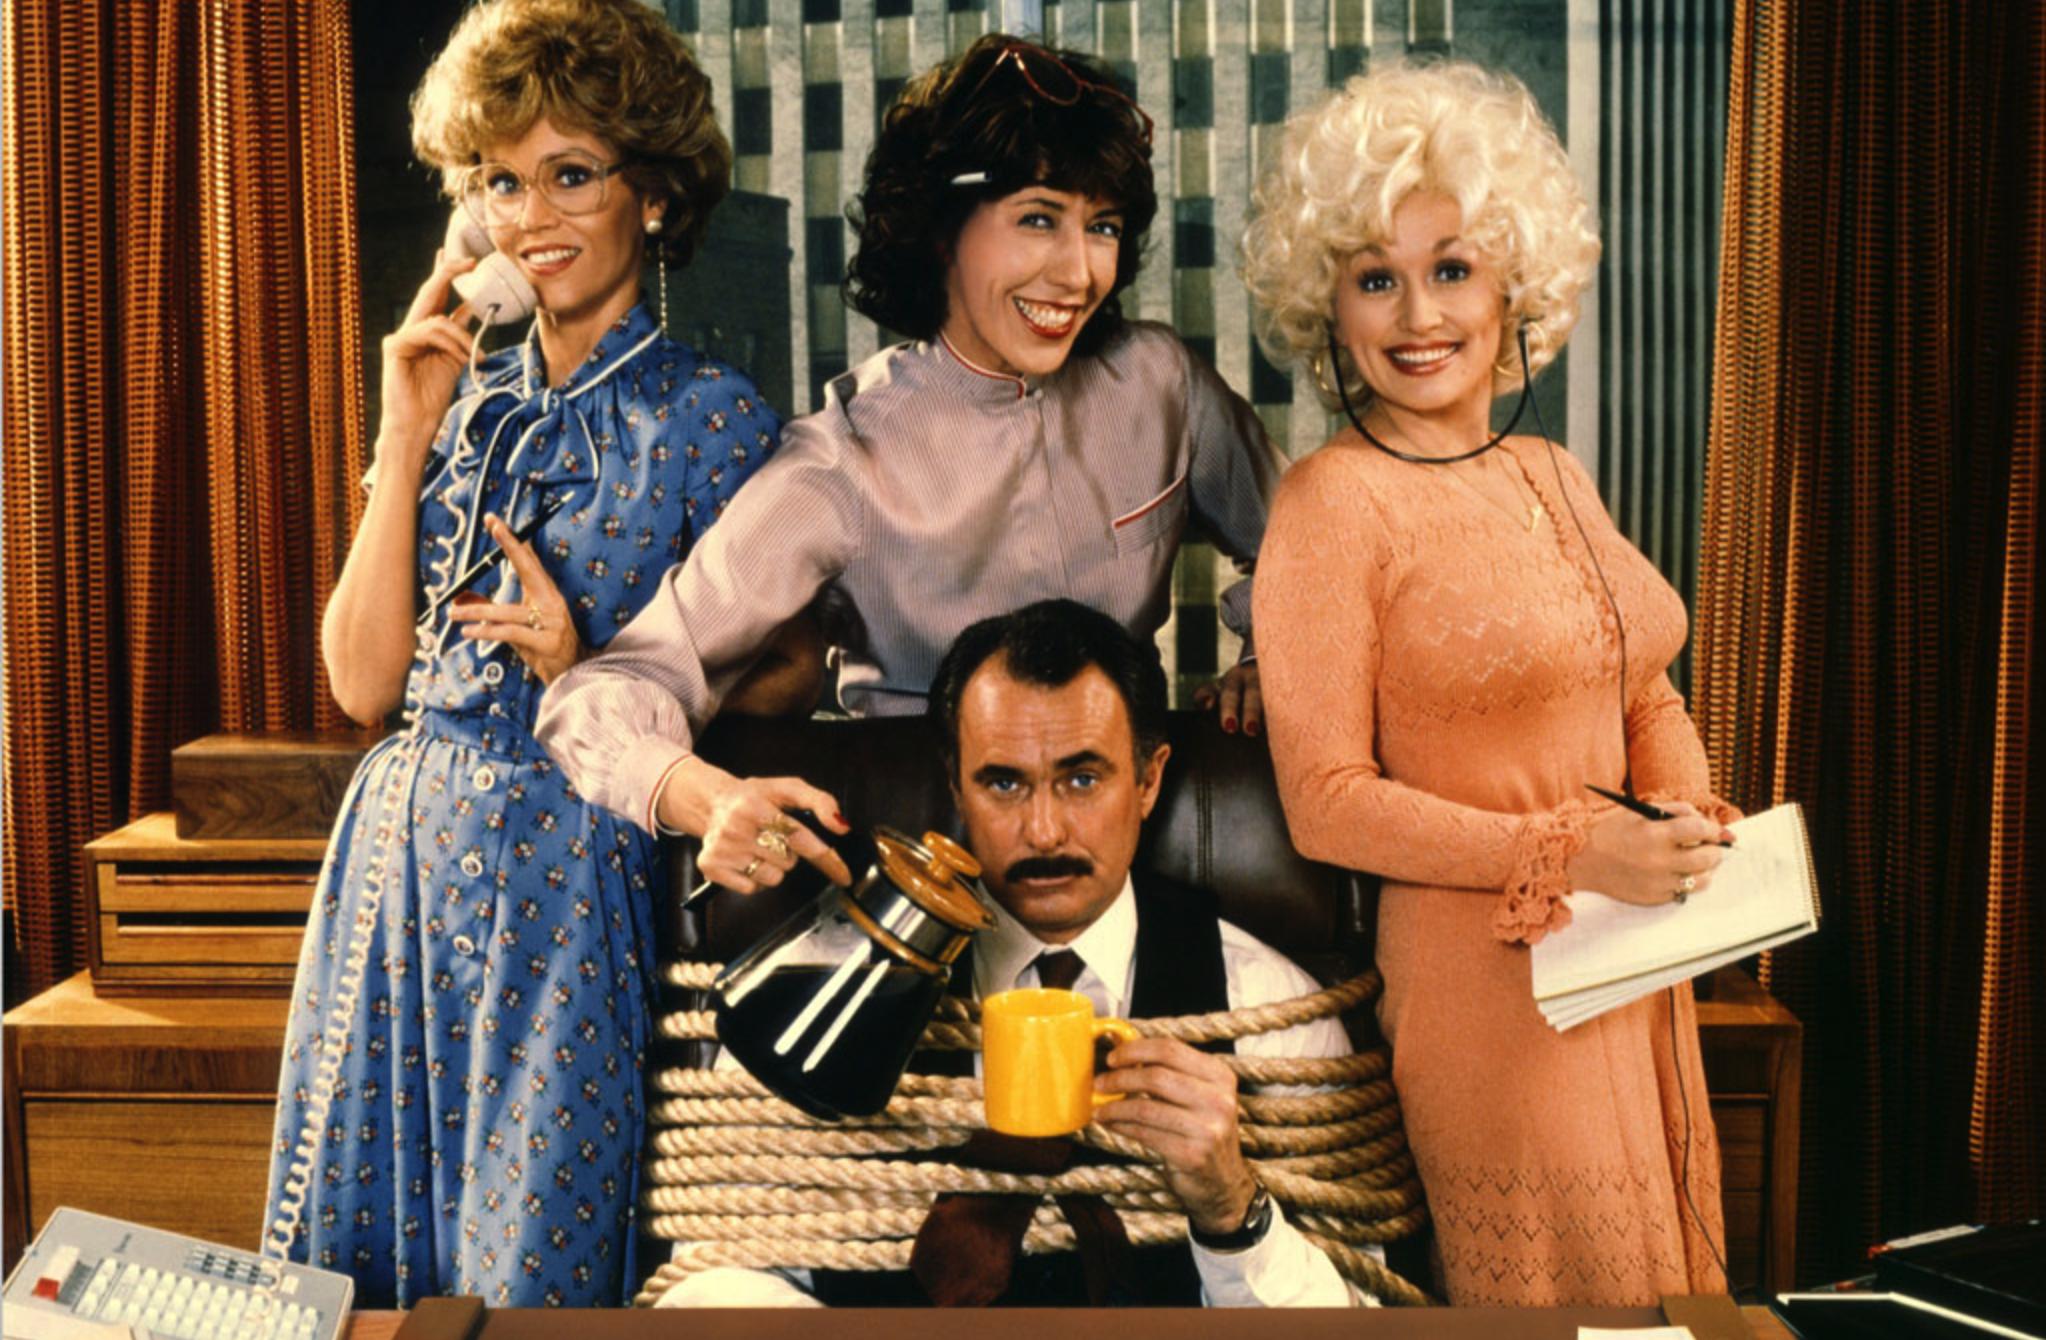 Como Eliminar seu Chefe (1980) - Ou, em inglês, 9 to 5. Quem não assistiu esse clássico com a trinca Jane Fonda, Lily Tomlin e Dolly Parton não sabe o que perde!